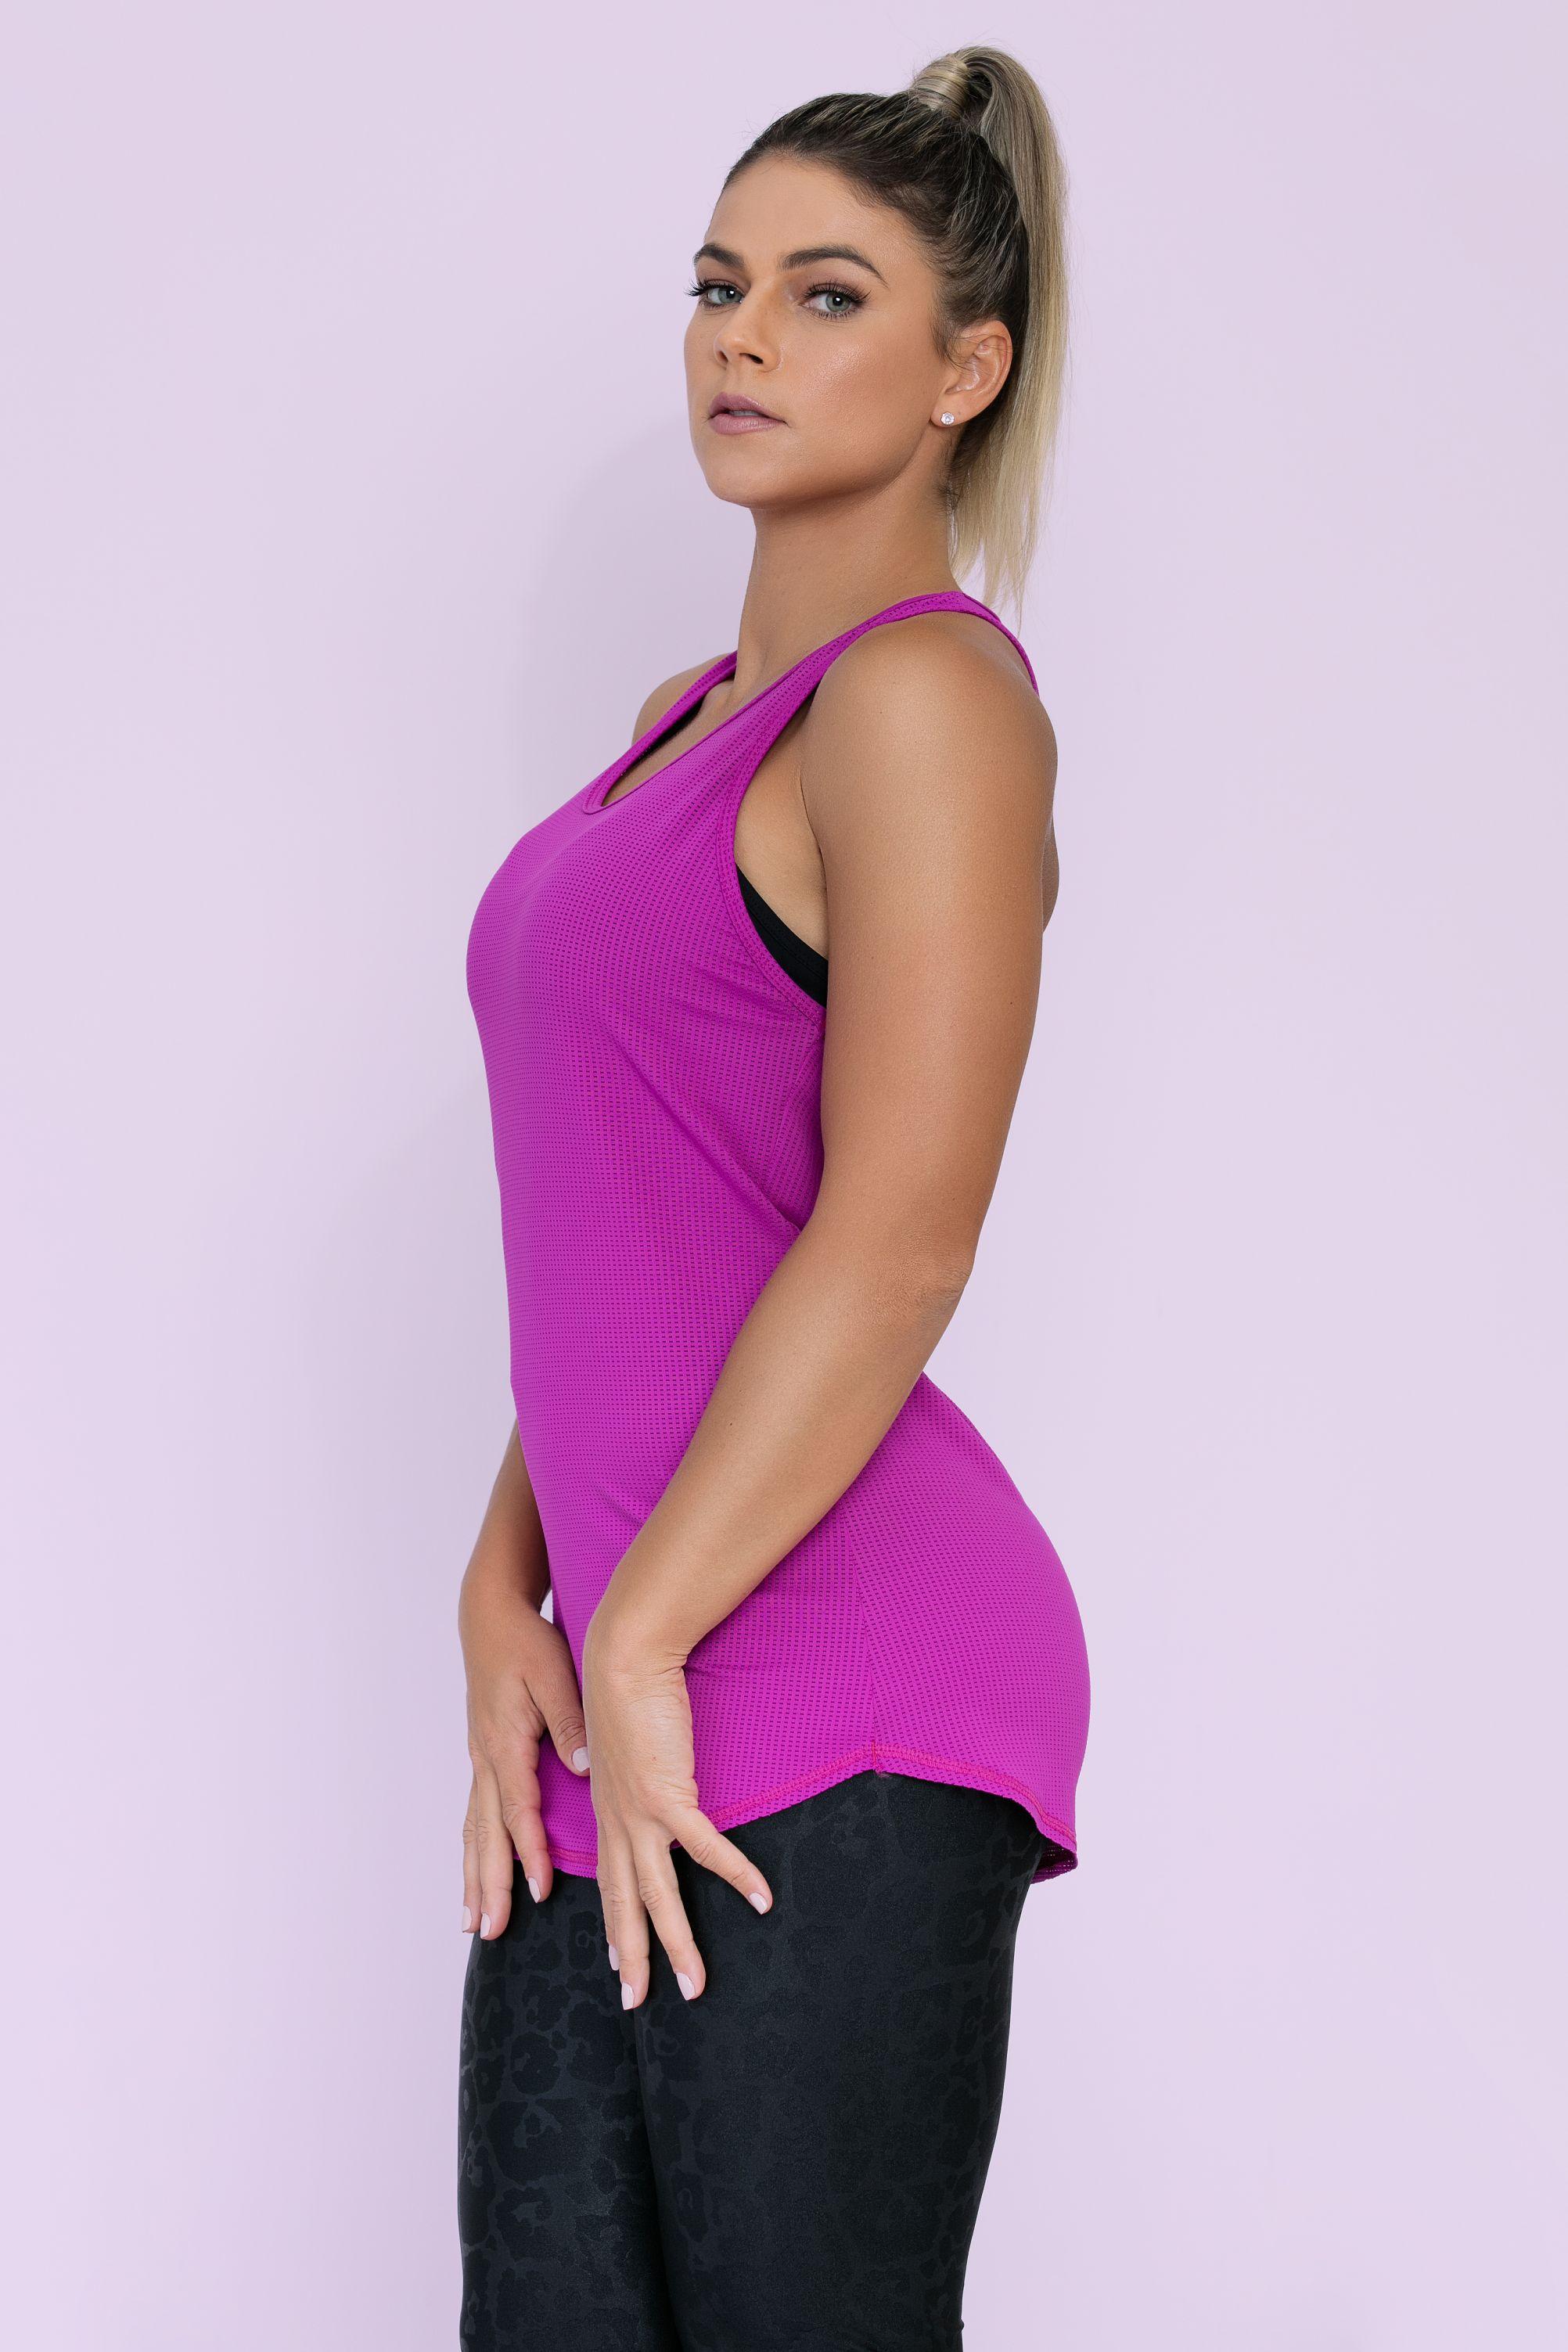 ... Moda Fitness · Camiseta   Regata  Regata Strappy em Tecido Dry Fit  Furadinho. 88% poliéster. 12% elastano. 1 3fb18d888a1